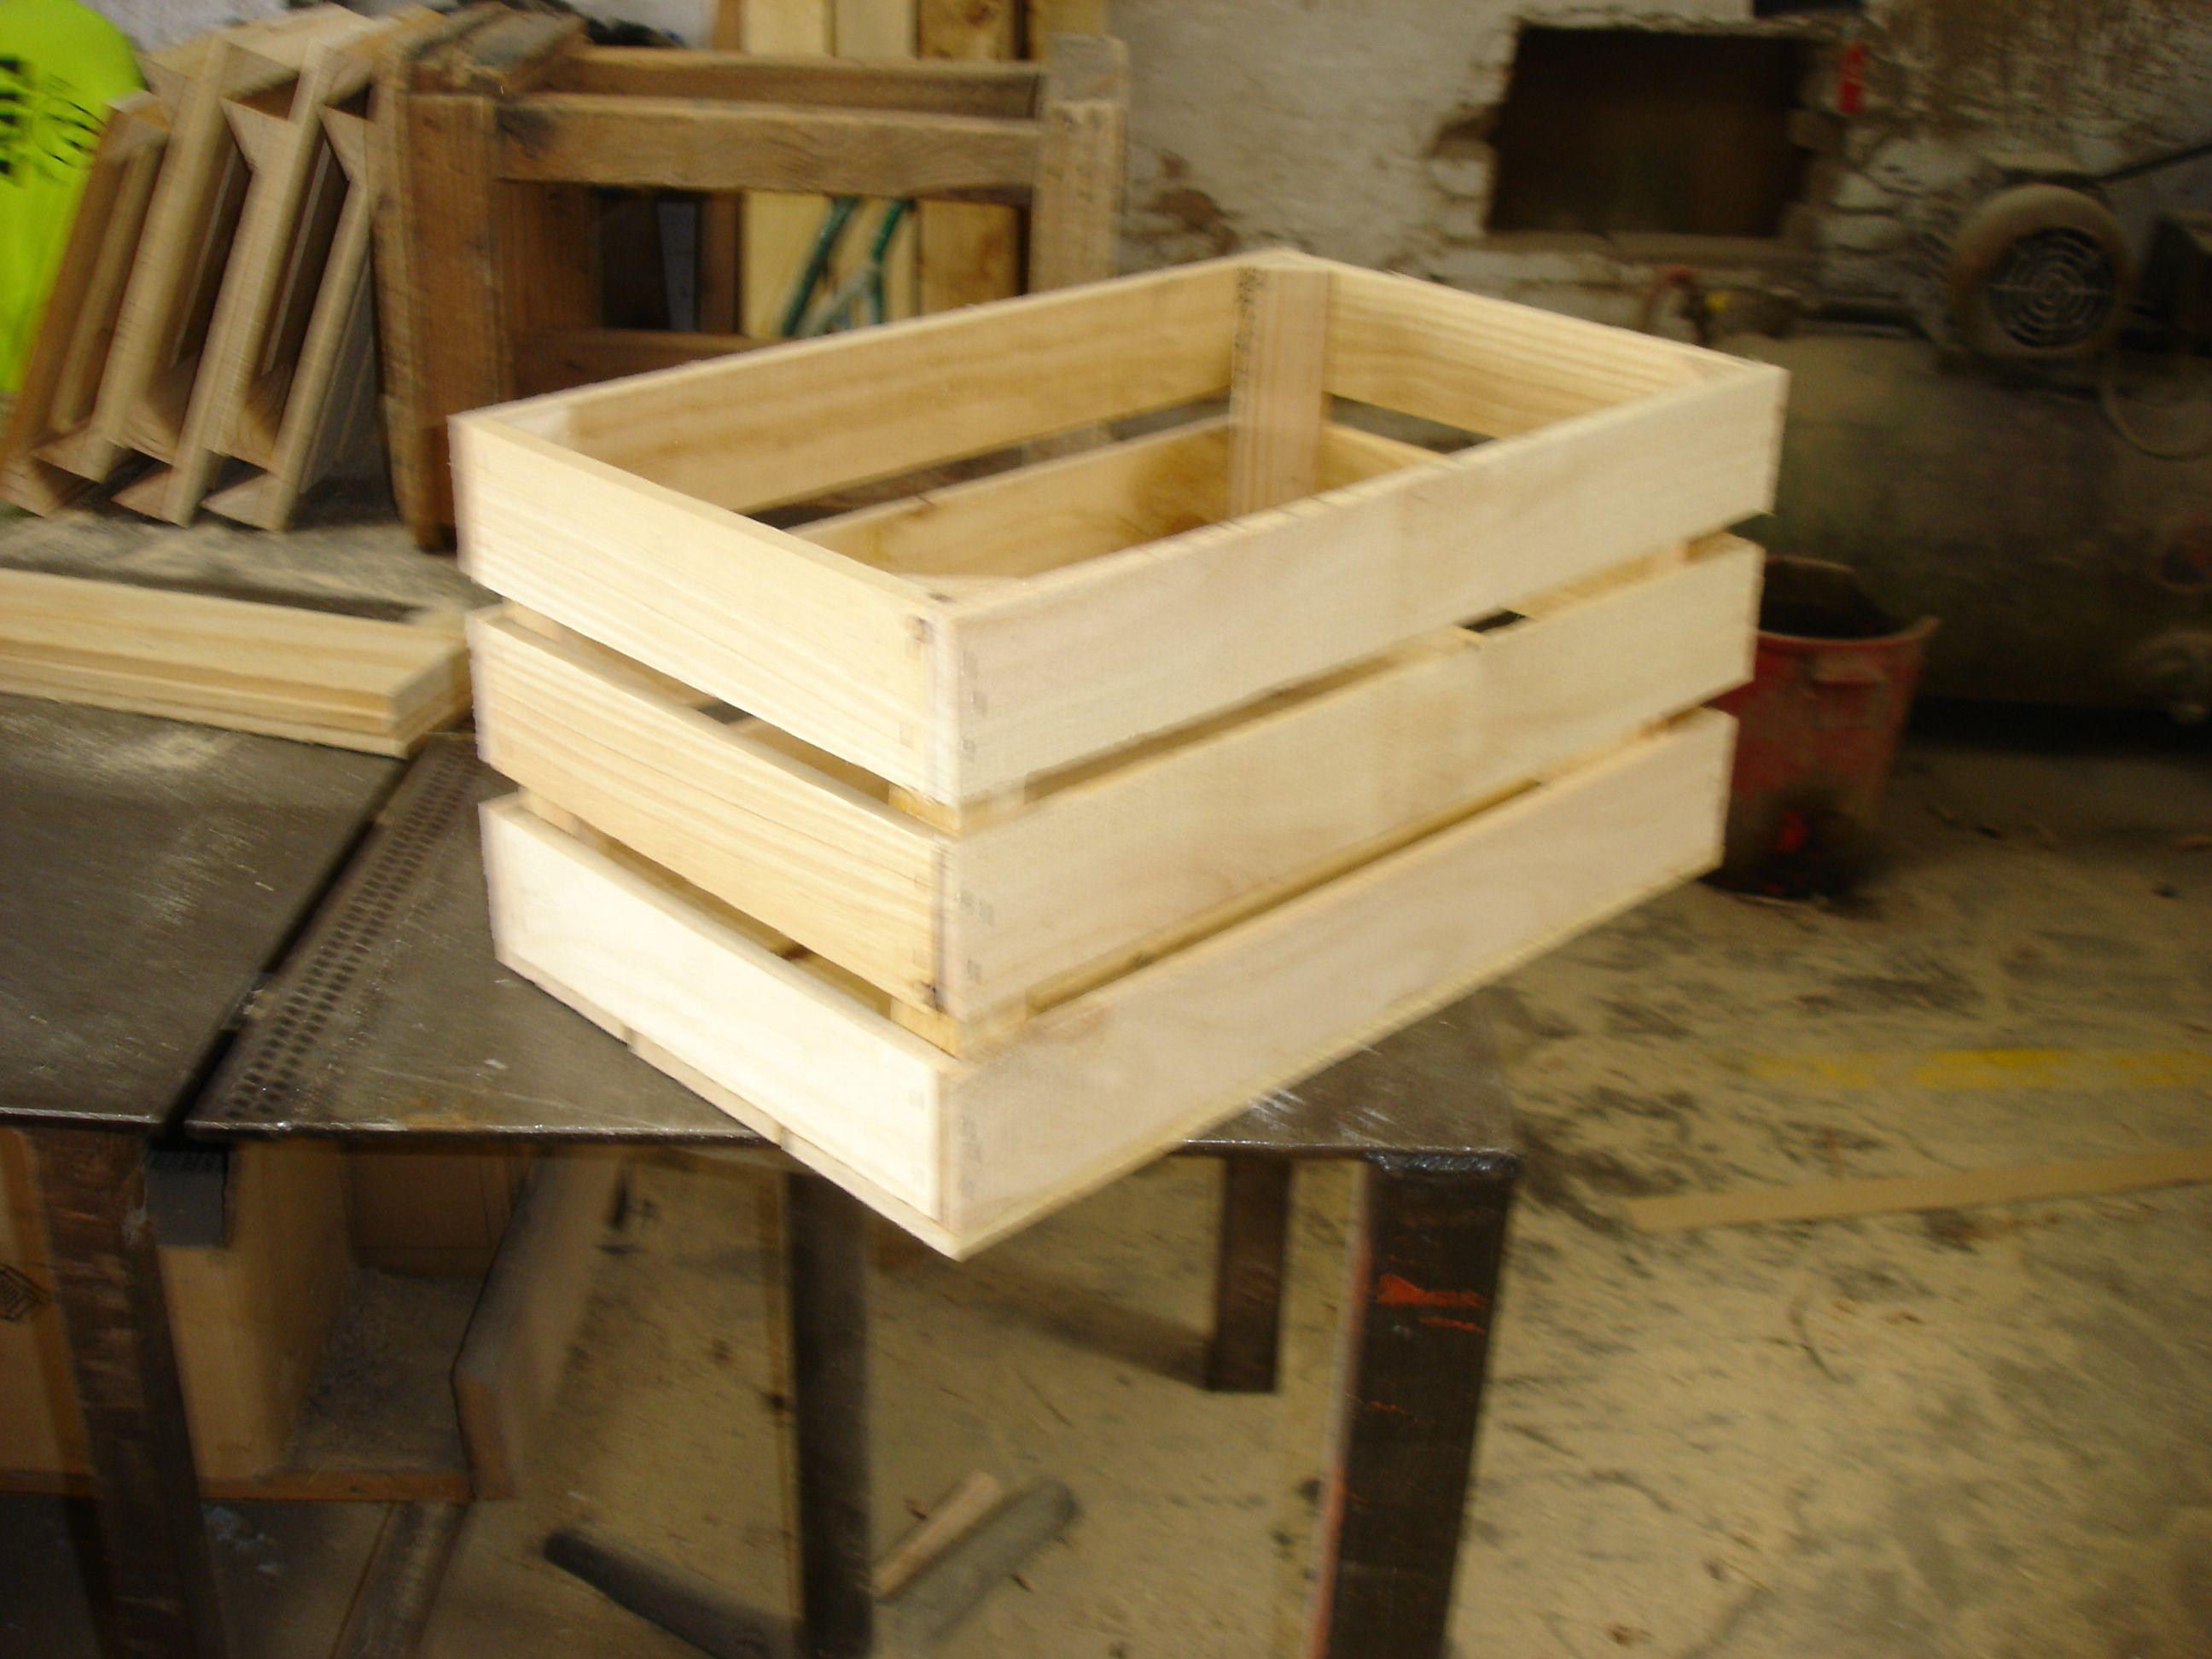 cajas de madera fruta nueva ideal para decoracin - Cajas De Madera Fruta